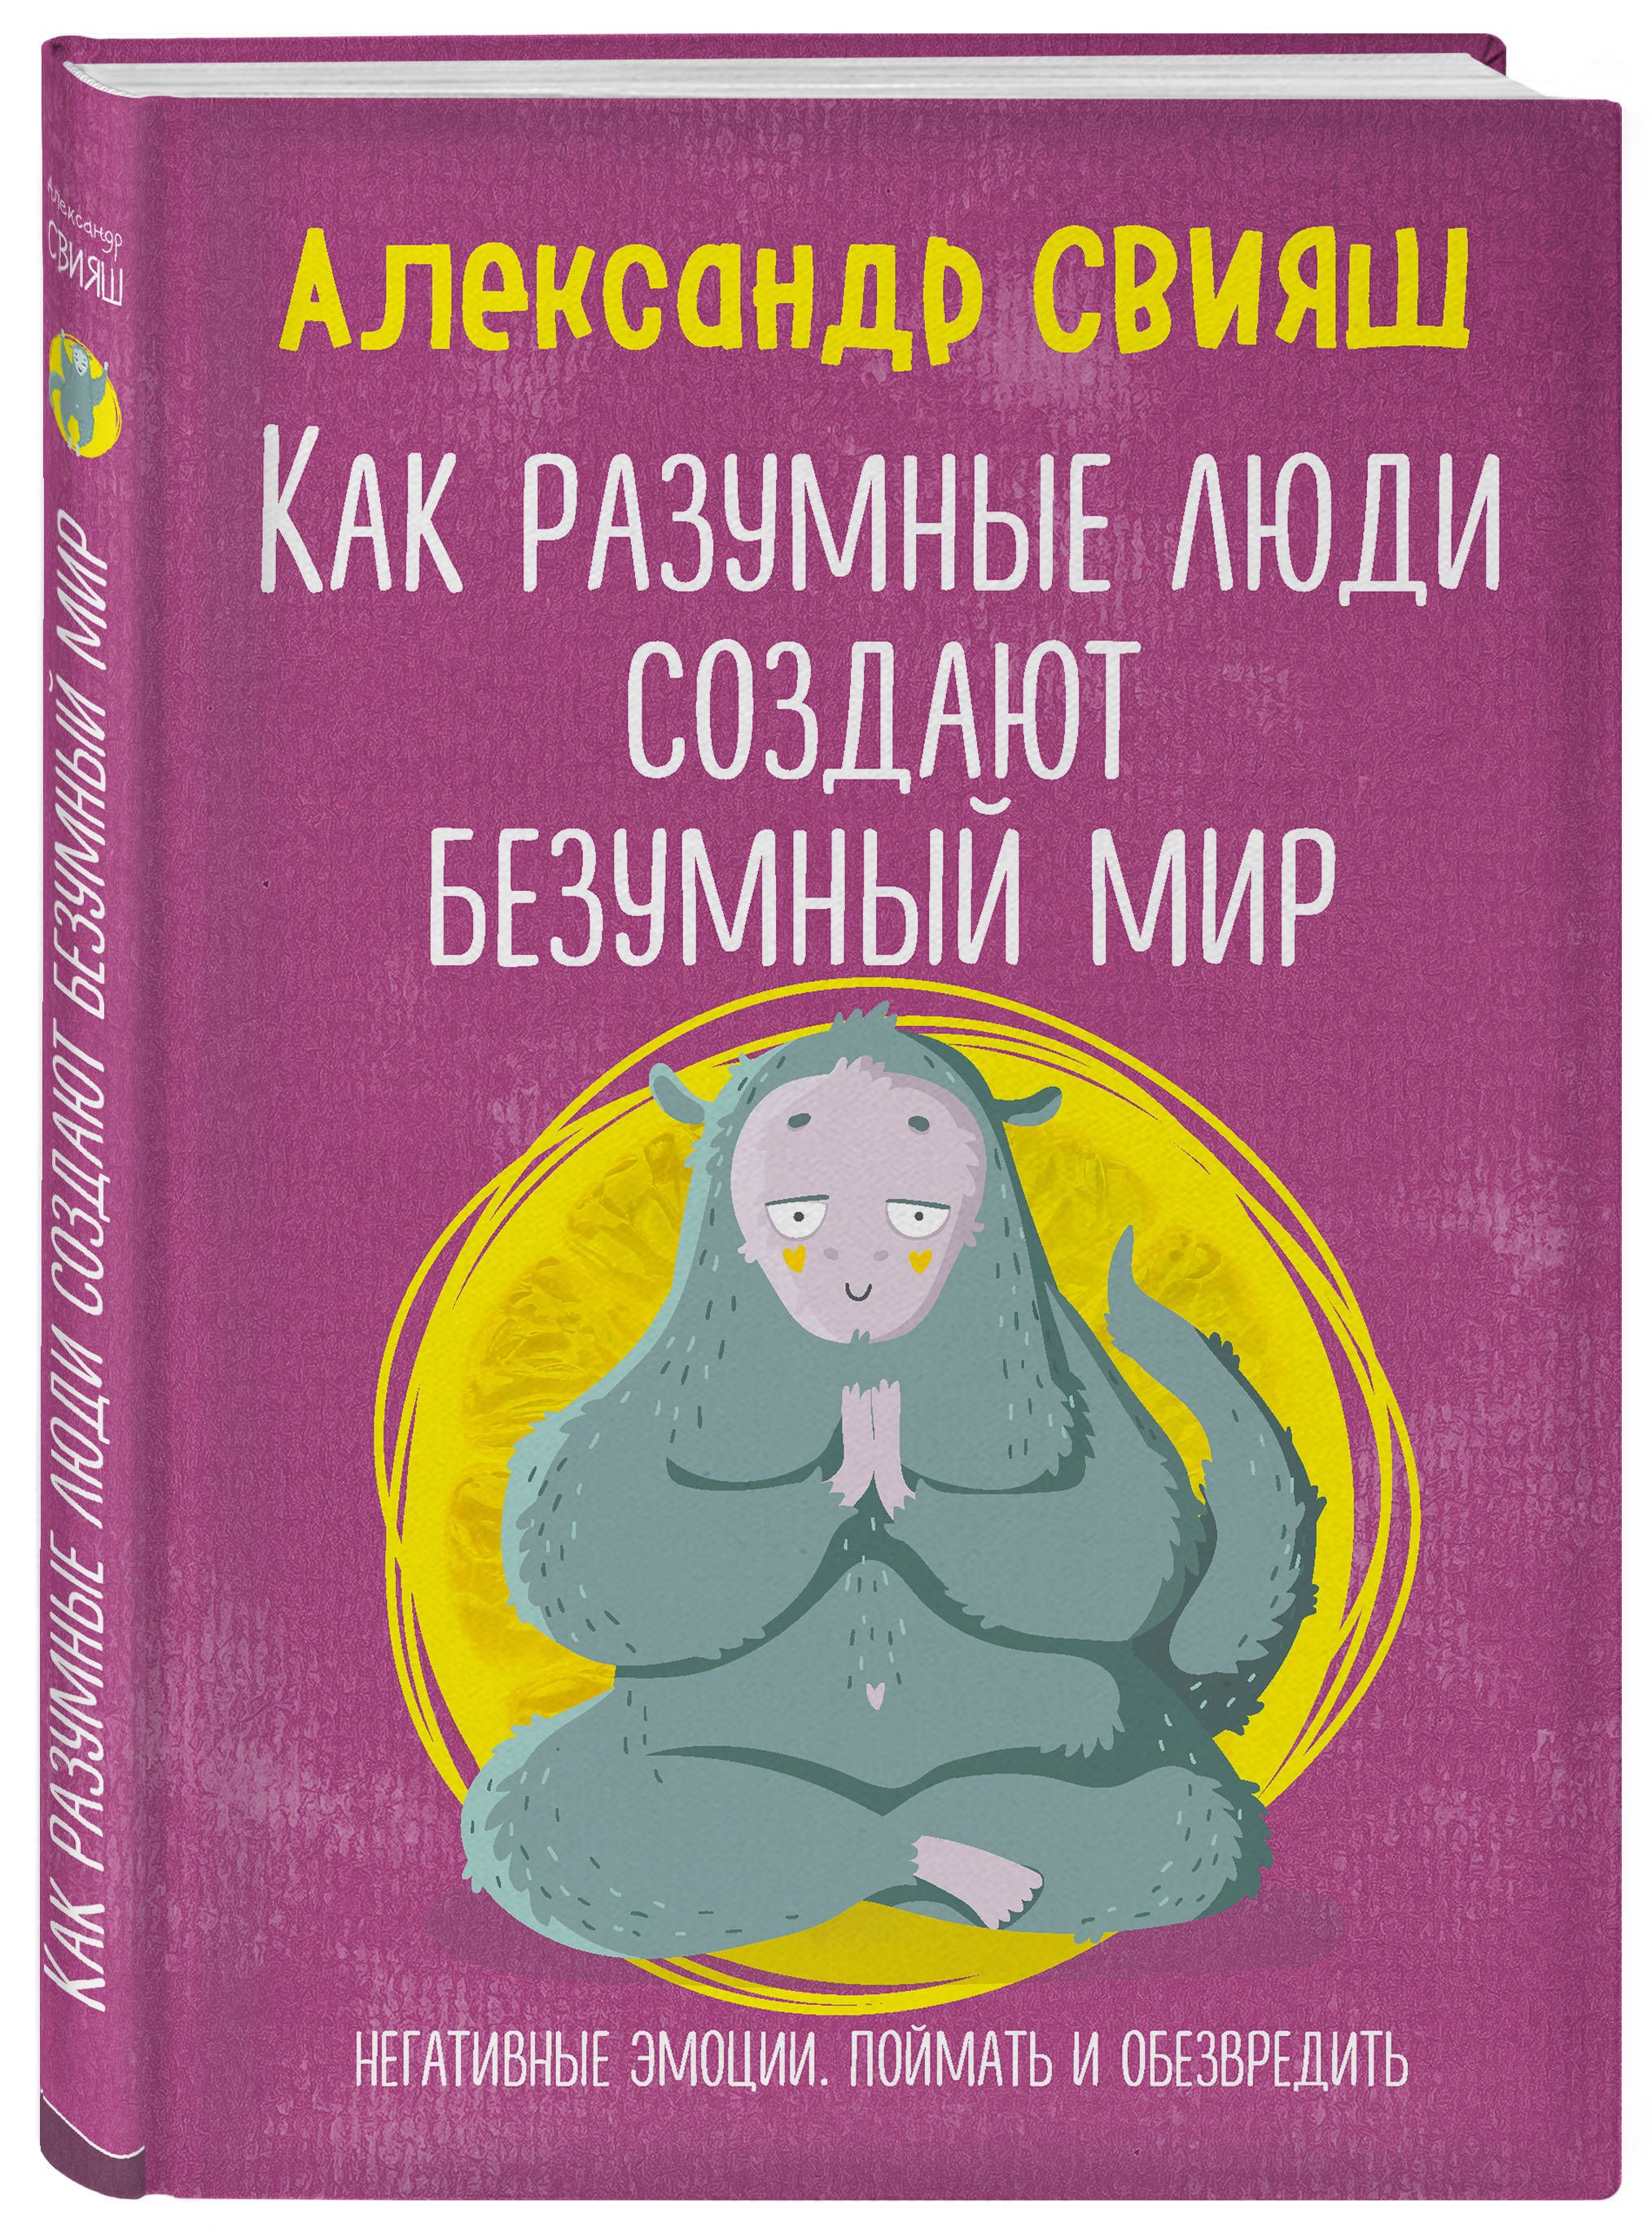 Александр Свияш Как разумные люди создают безумный мир. Негативные эмоции. Поймать и обезвредить.